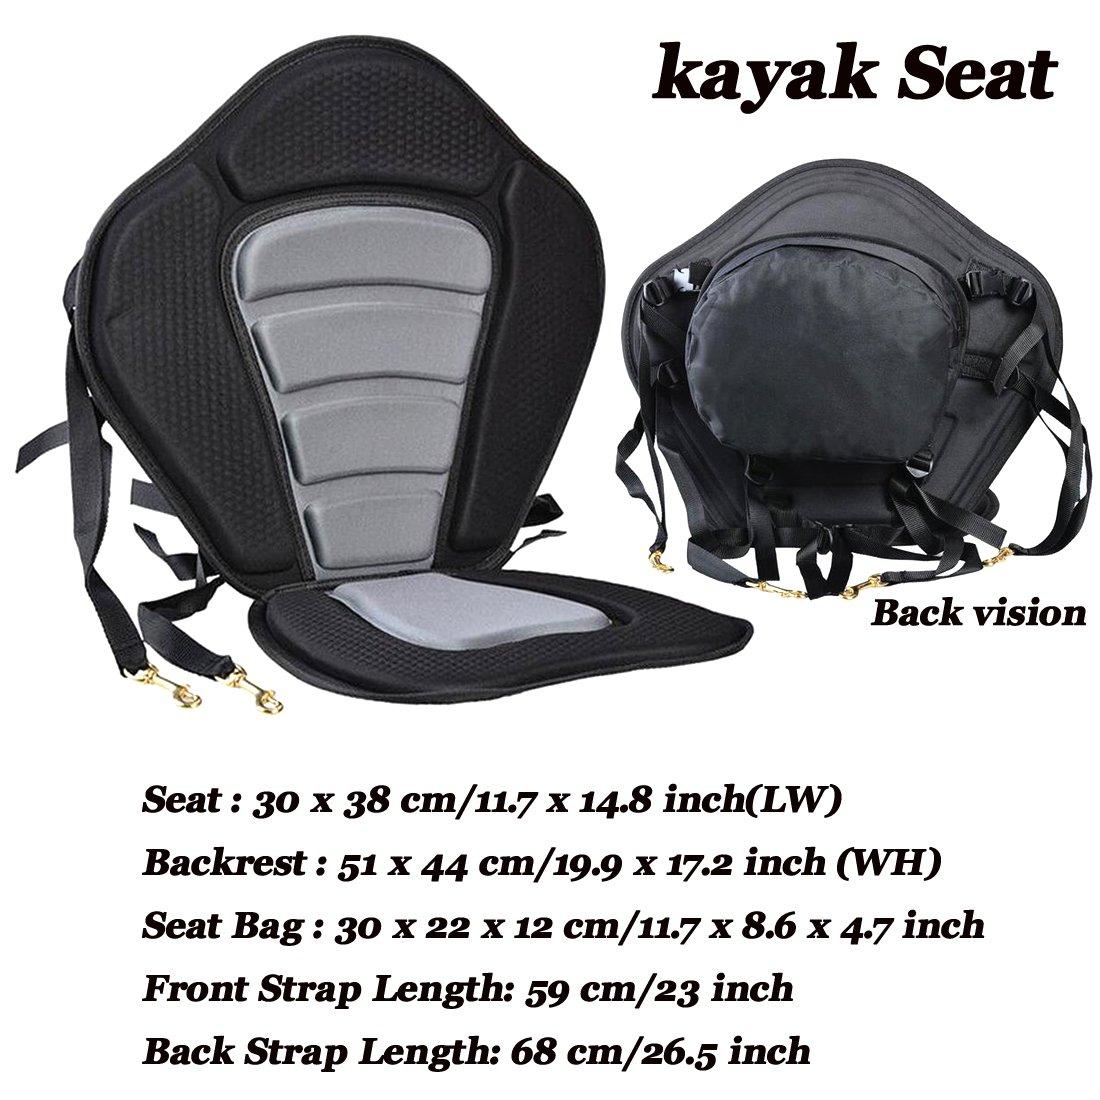 réglable Bateau Coussin d'assise pour kayak Drifting Bateau mezzanine canoë etc. durable (1pièce)